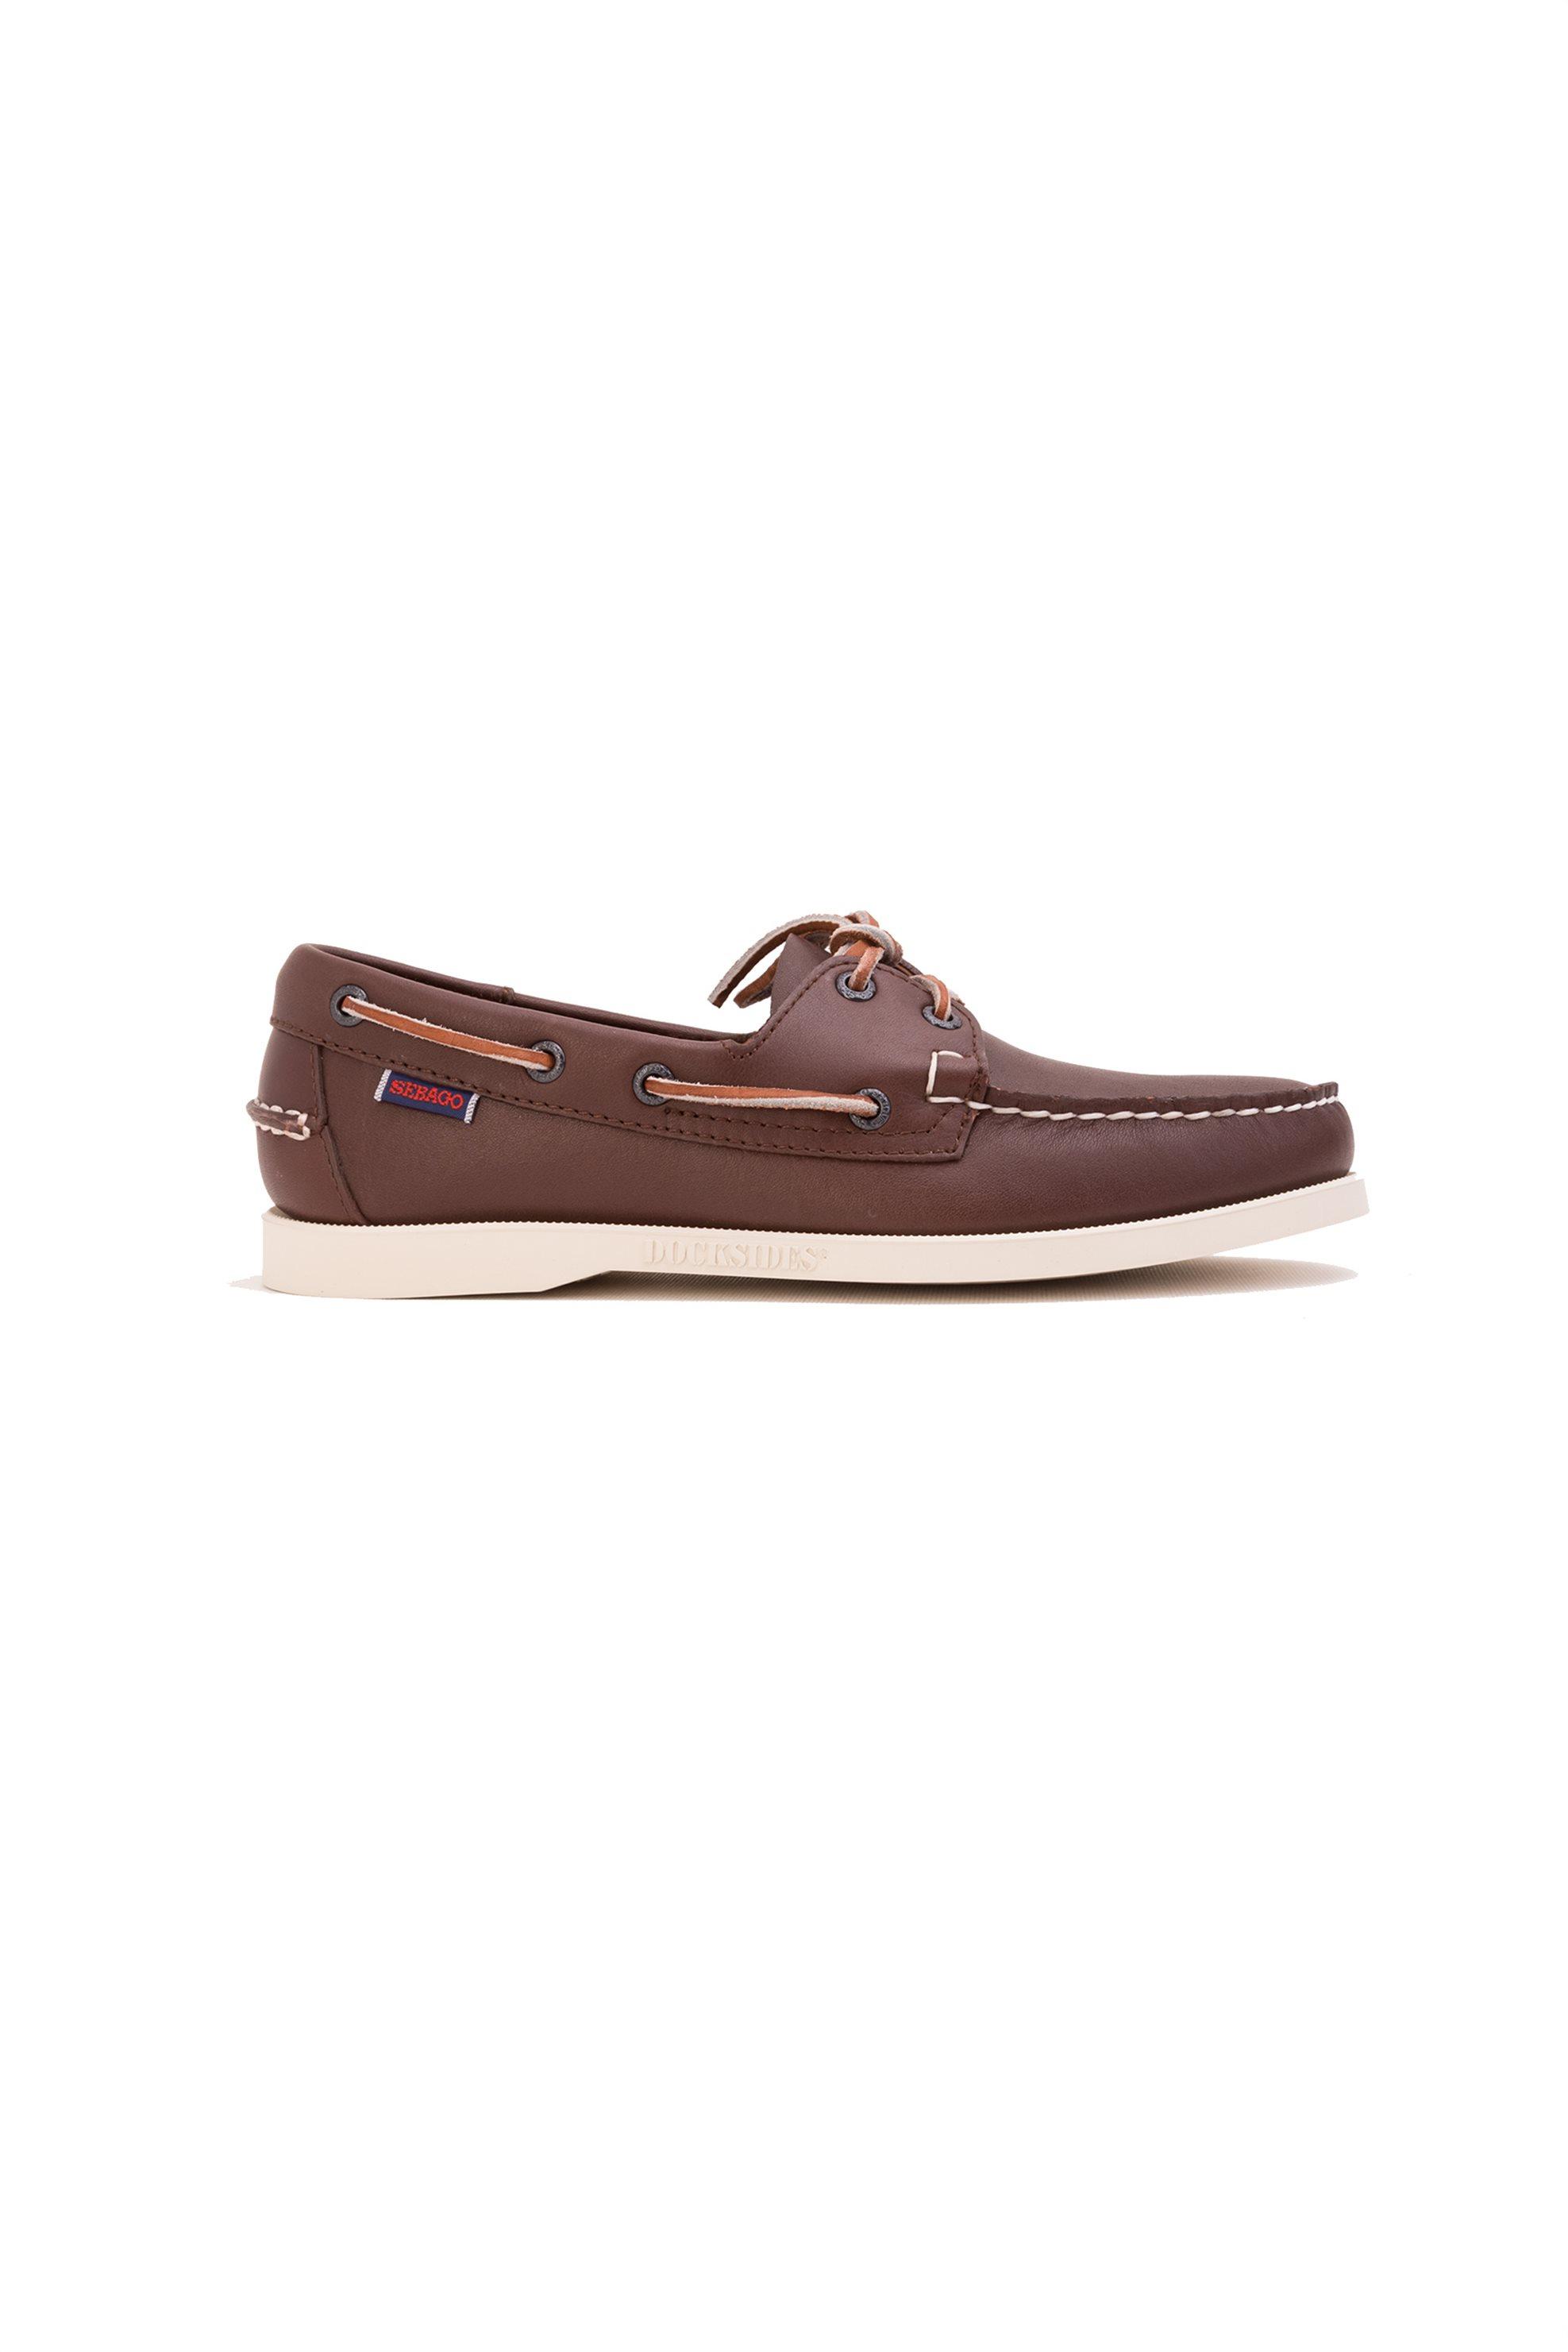 Ανδρικά παπούτσια boats Sebago - B720160 - Καφέ ανδρασ   παπουτσια   boats